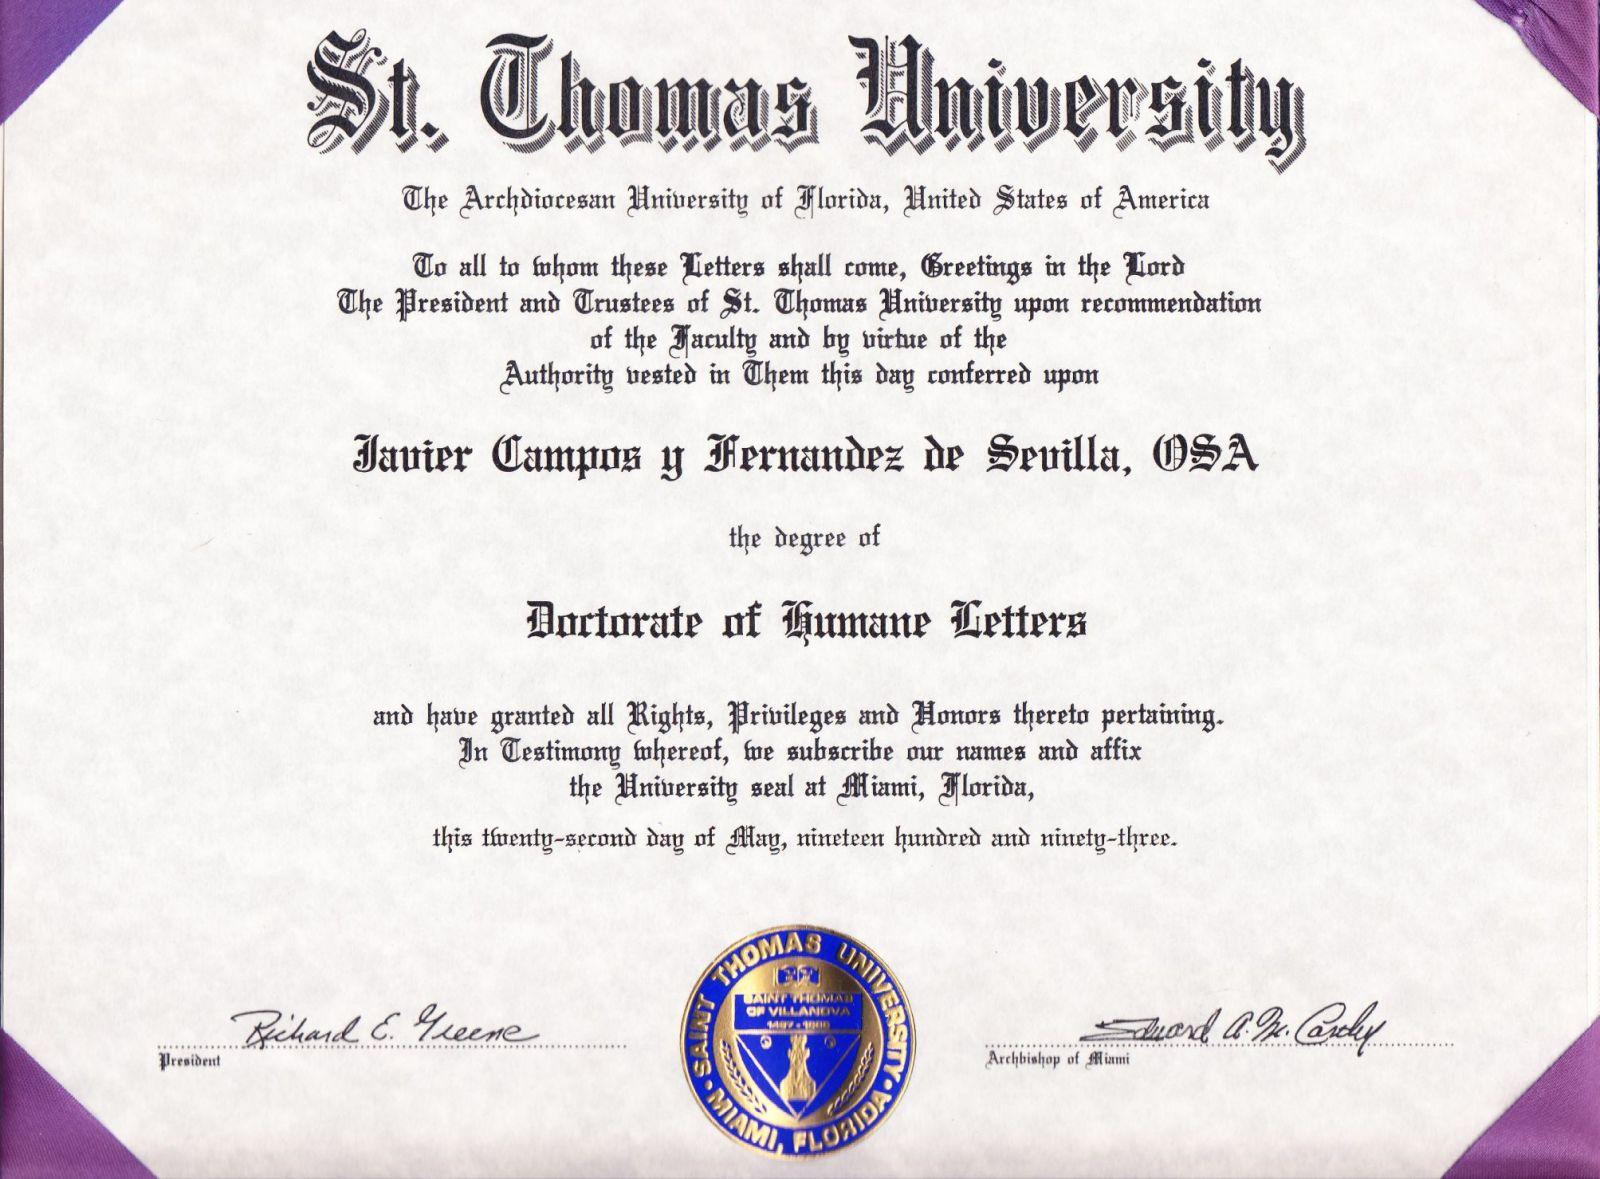 Doctorado De Miami Javier Campos St Thomas University